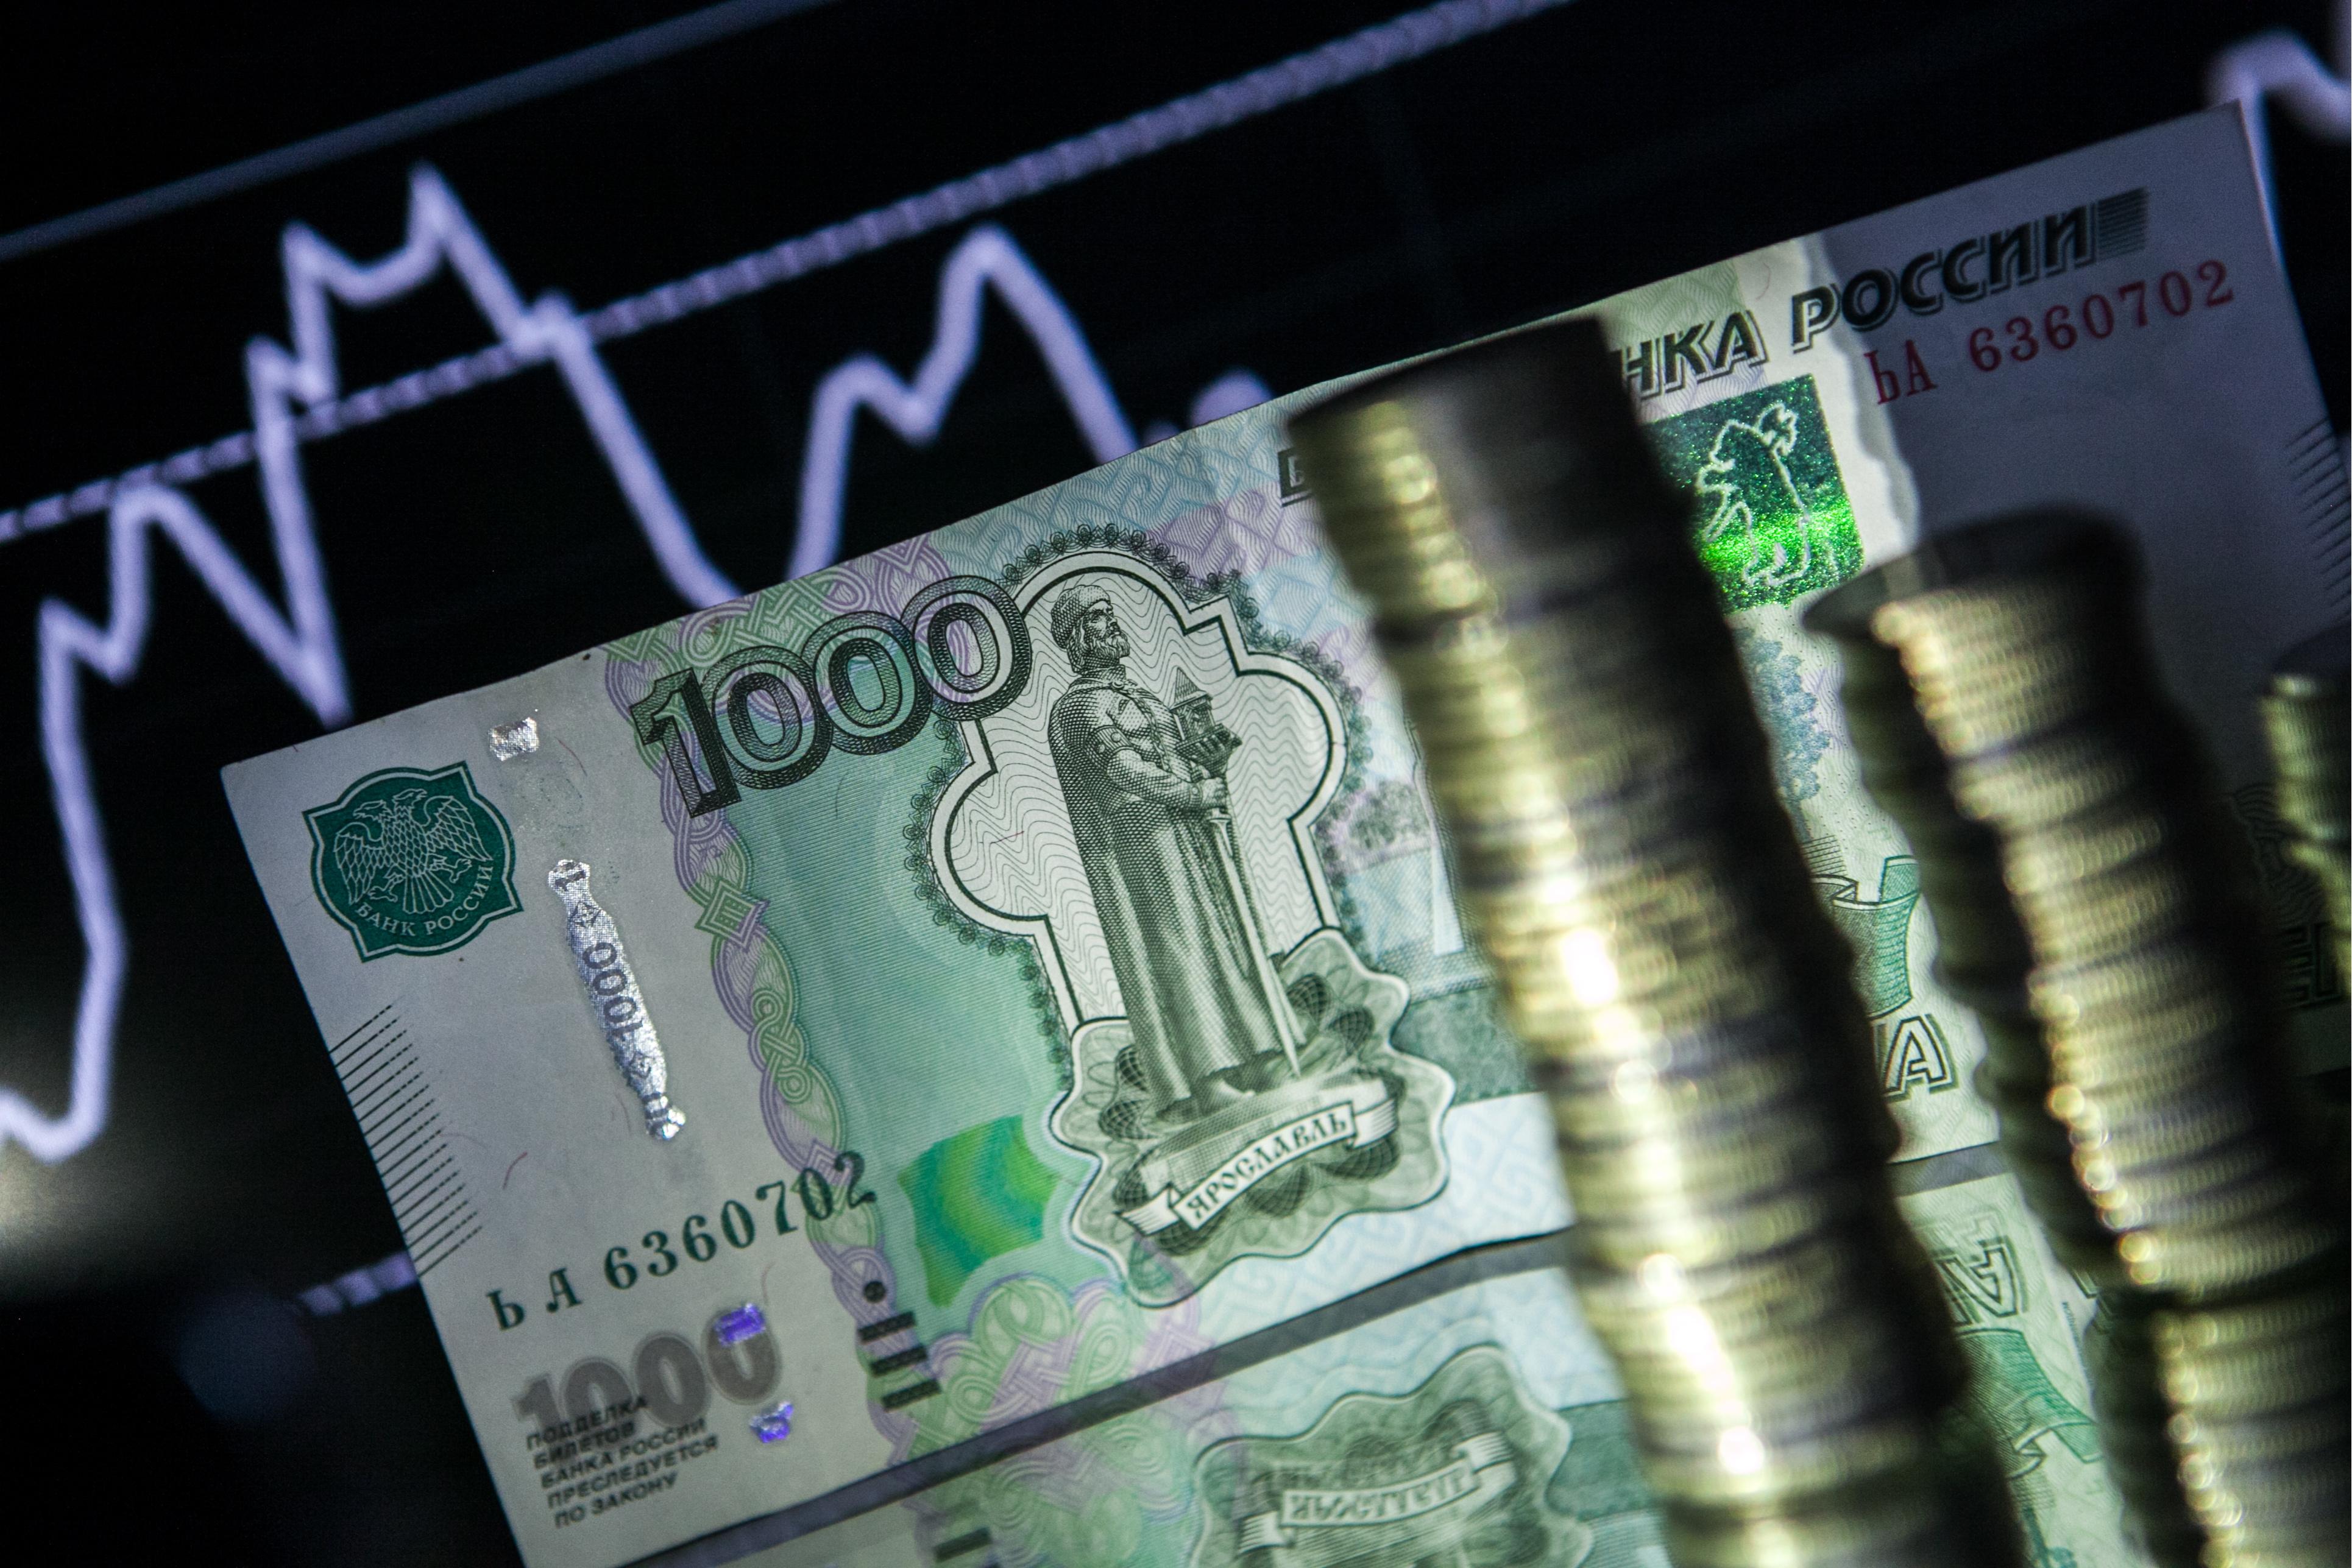 Экономика России. Есть улучшения, но пока почти незаметные…